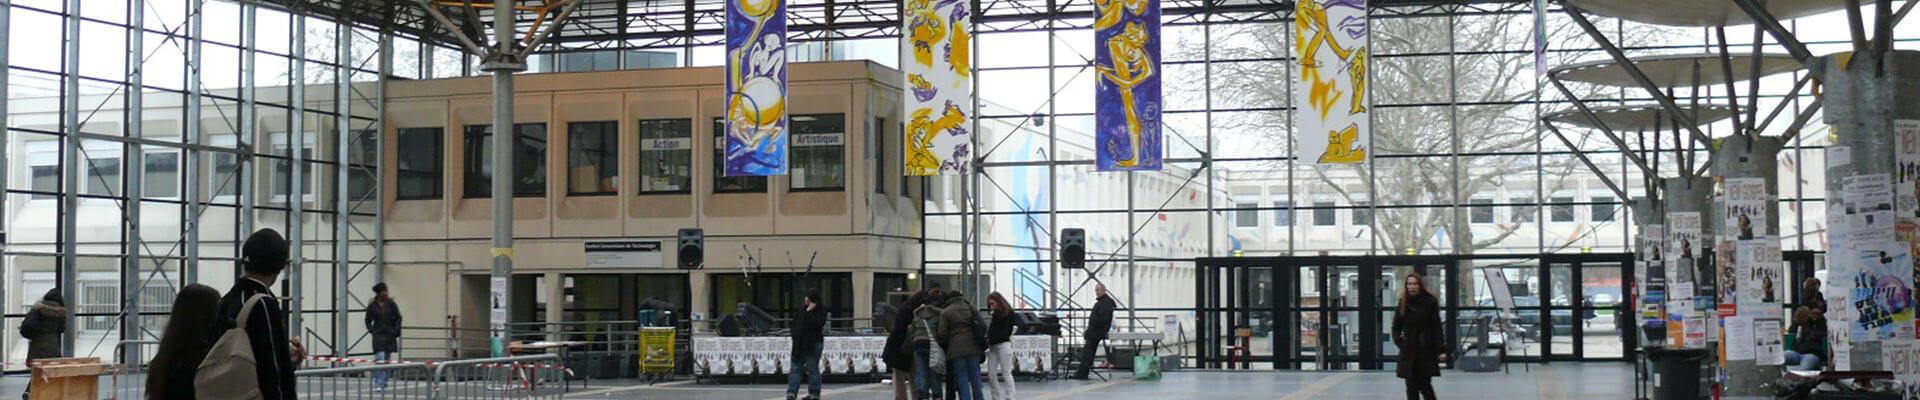 Saint-Denis - Université, haut lieu de la jeunesse étudiante parisienne